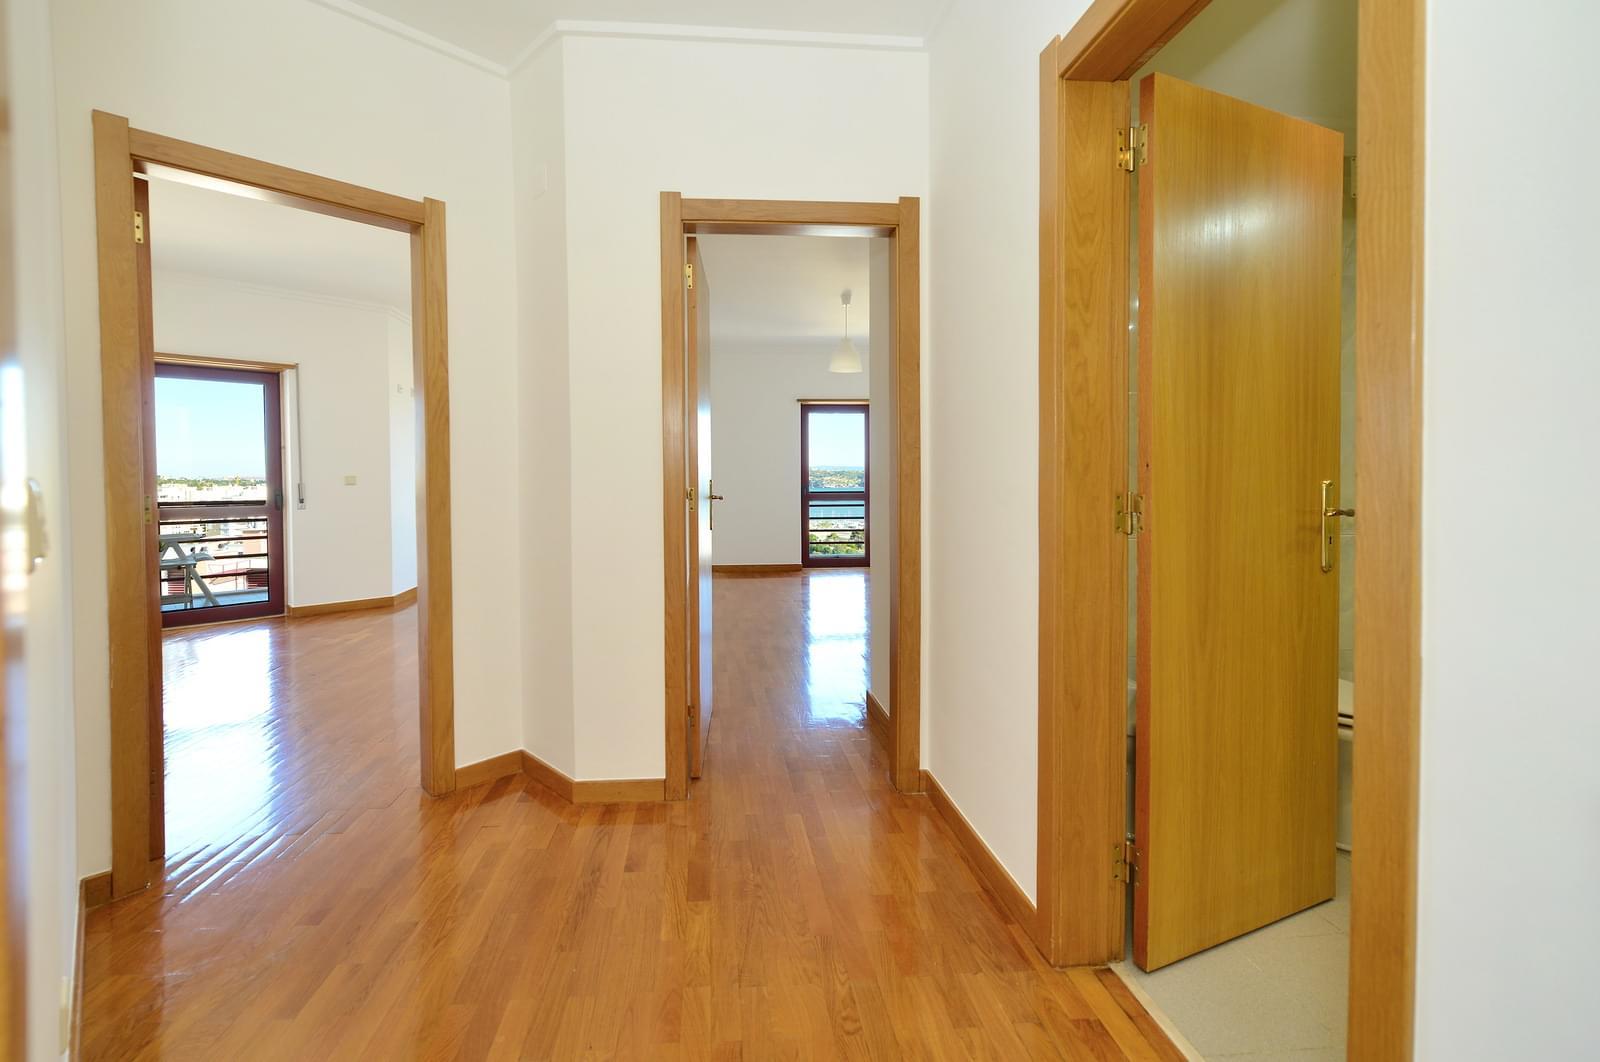 pf17174-apartamento-t3-oeiras-d8030f46-ffa6-4fa9-85d5-b6ea7b6bee74